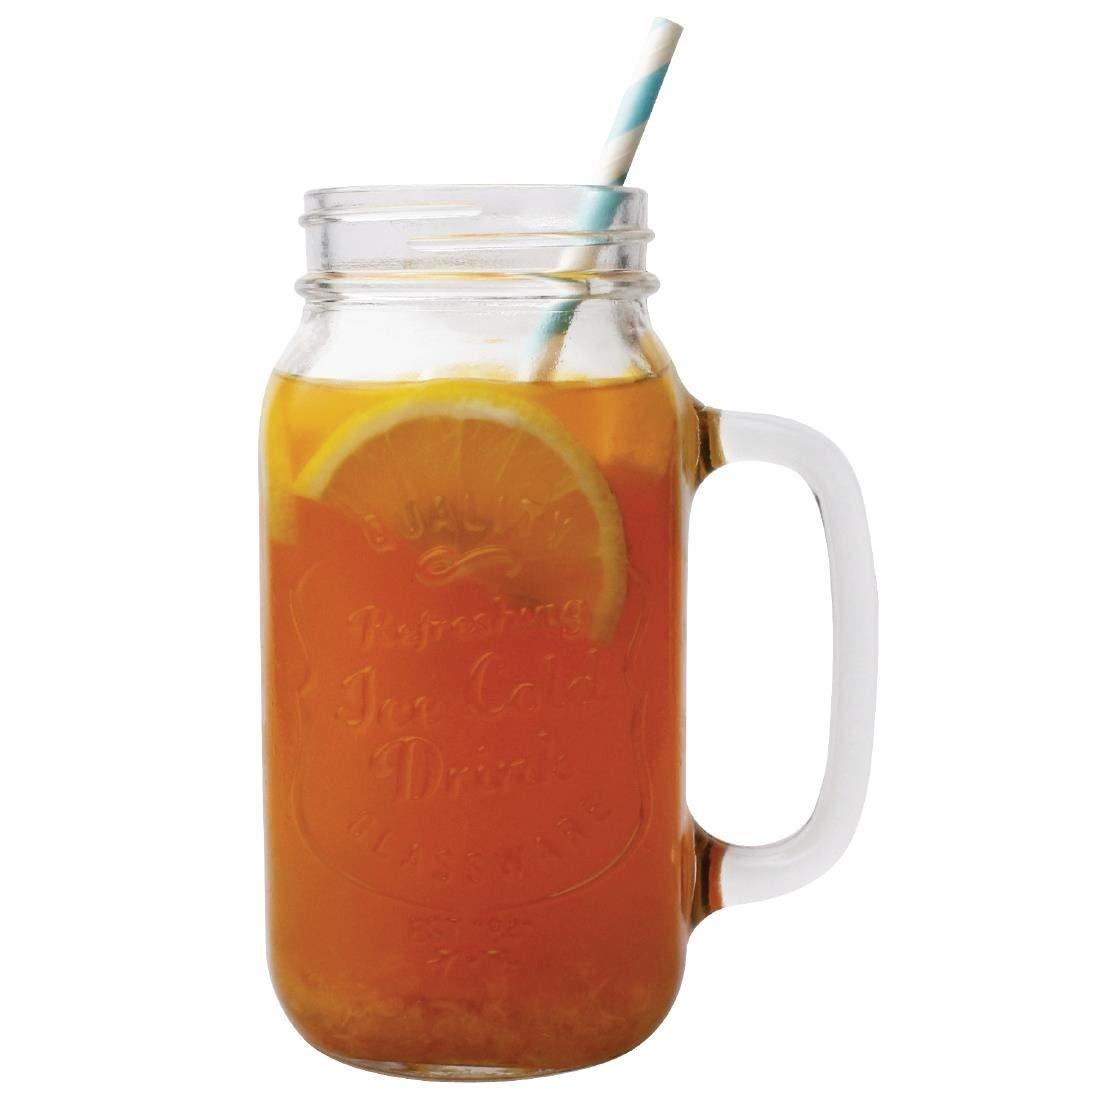 Olympia CM699 Henkel-Trinkglas bedrucktIce Cold Drink 700 ml